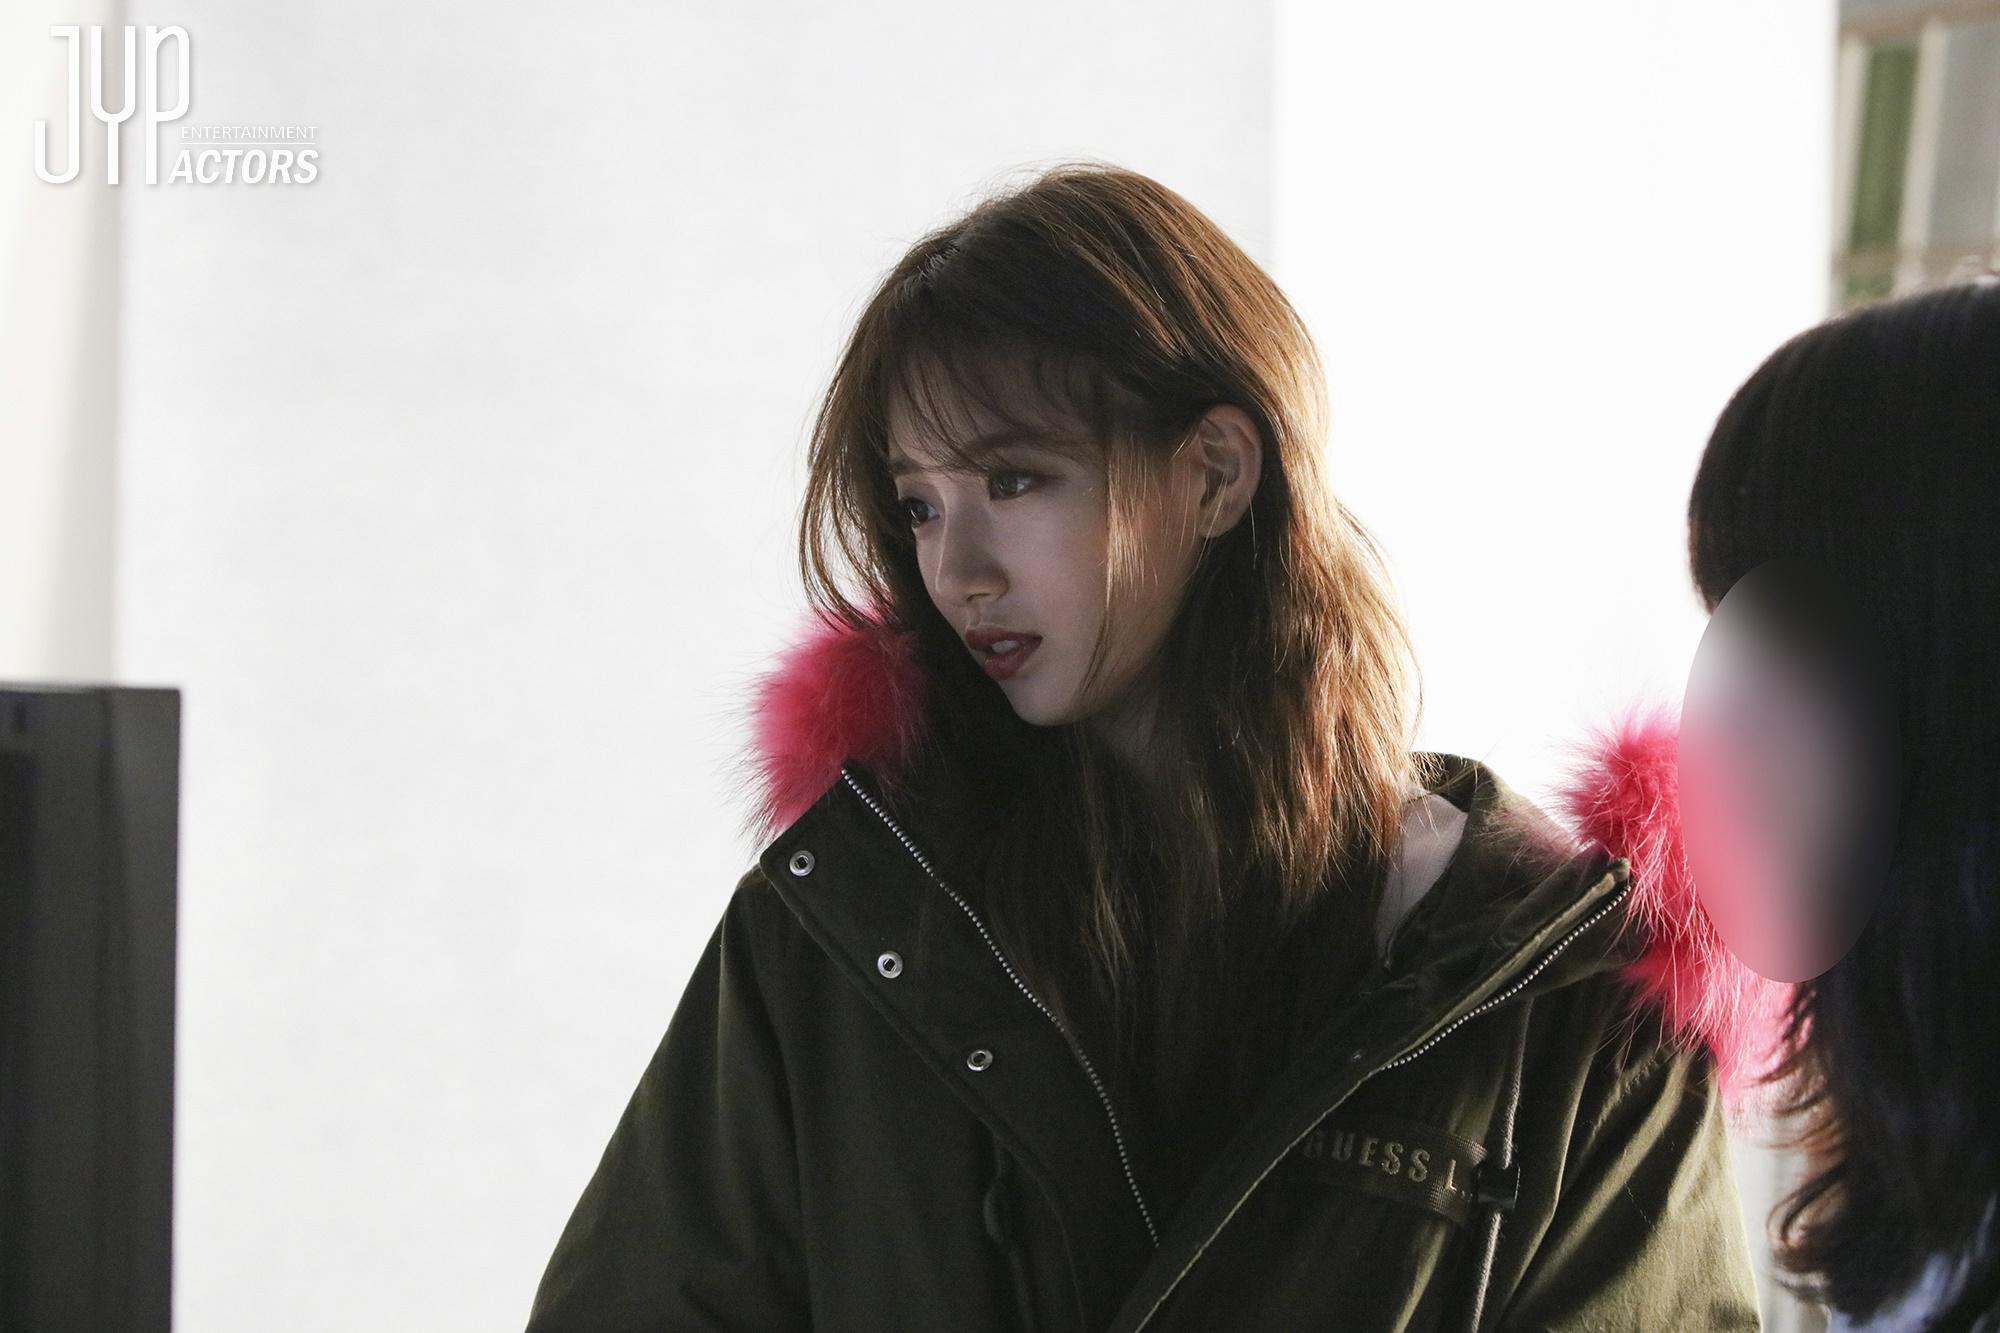 Suzy đẹp rạng ngời, lấp ló vòng một nảy nở trong loạt hình hậu trường chụp tạp chí